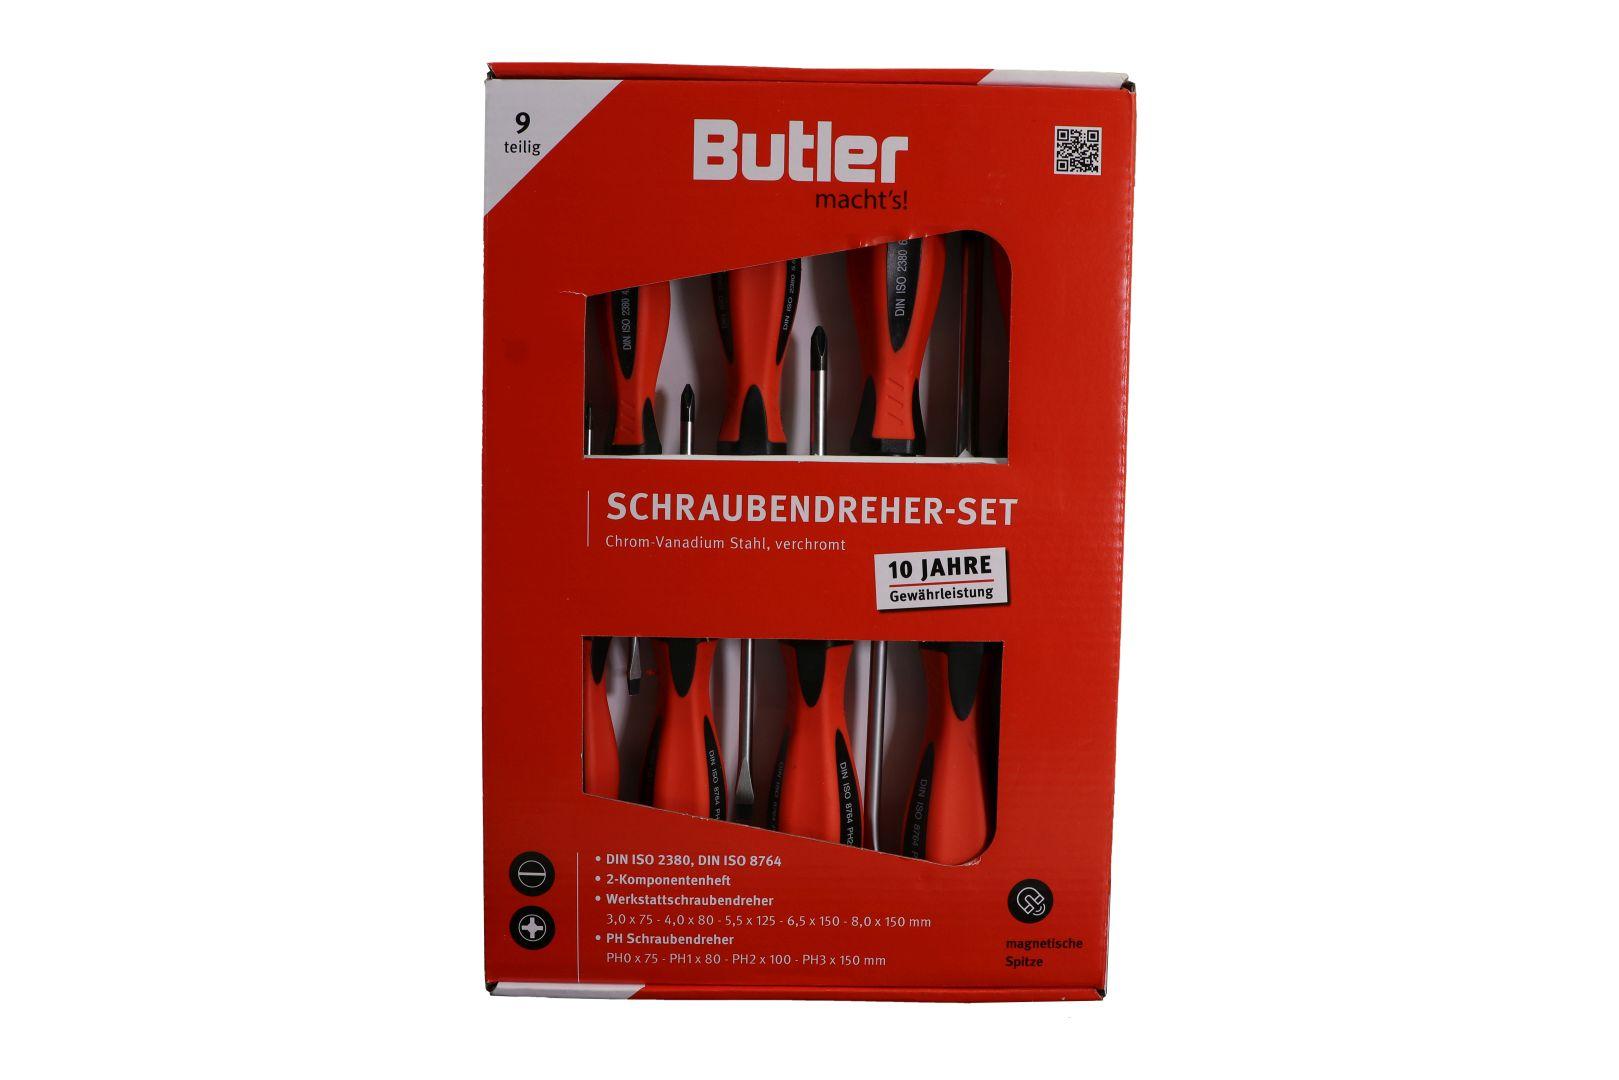 Butler macht's! Schraubendreher-Garnitur, 9-teilig